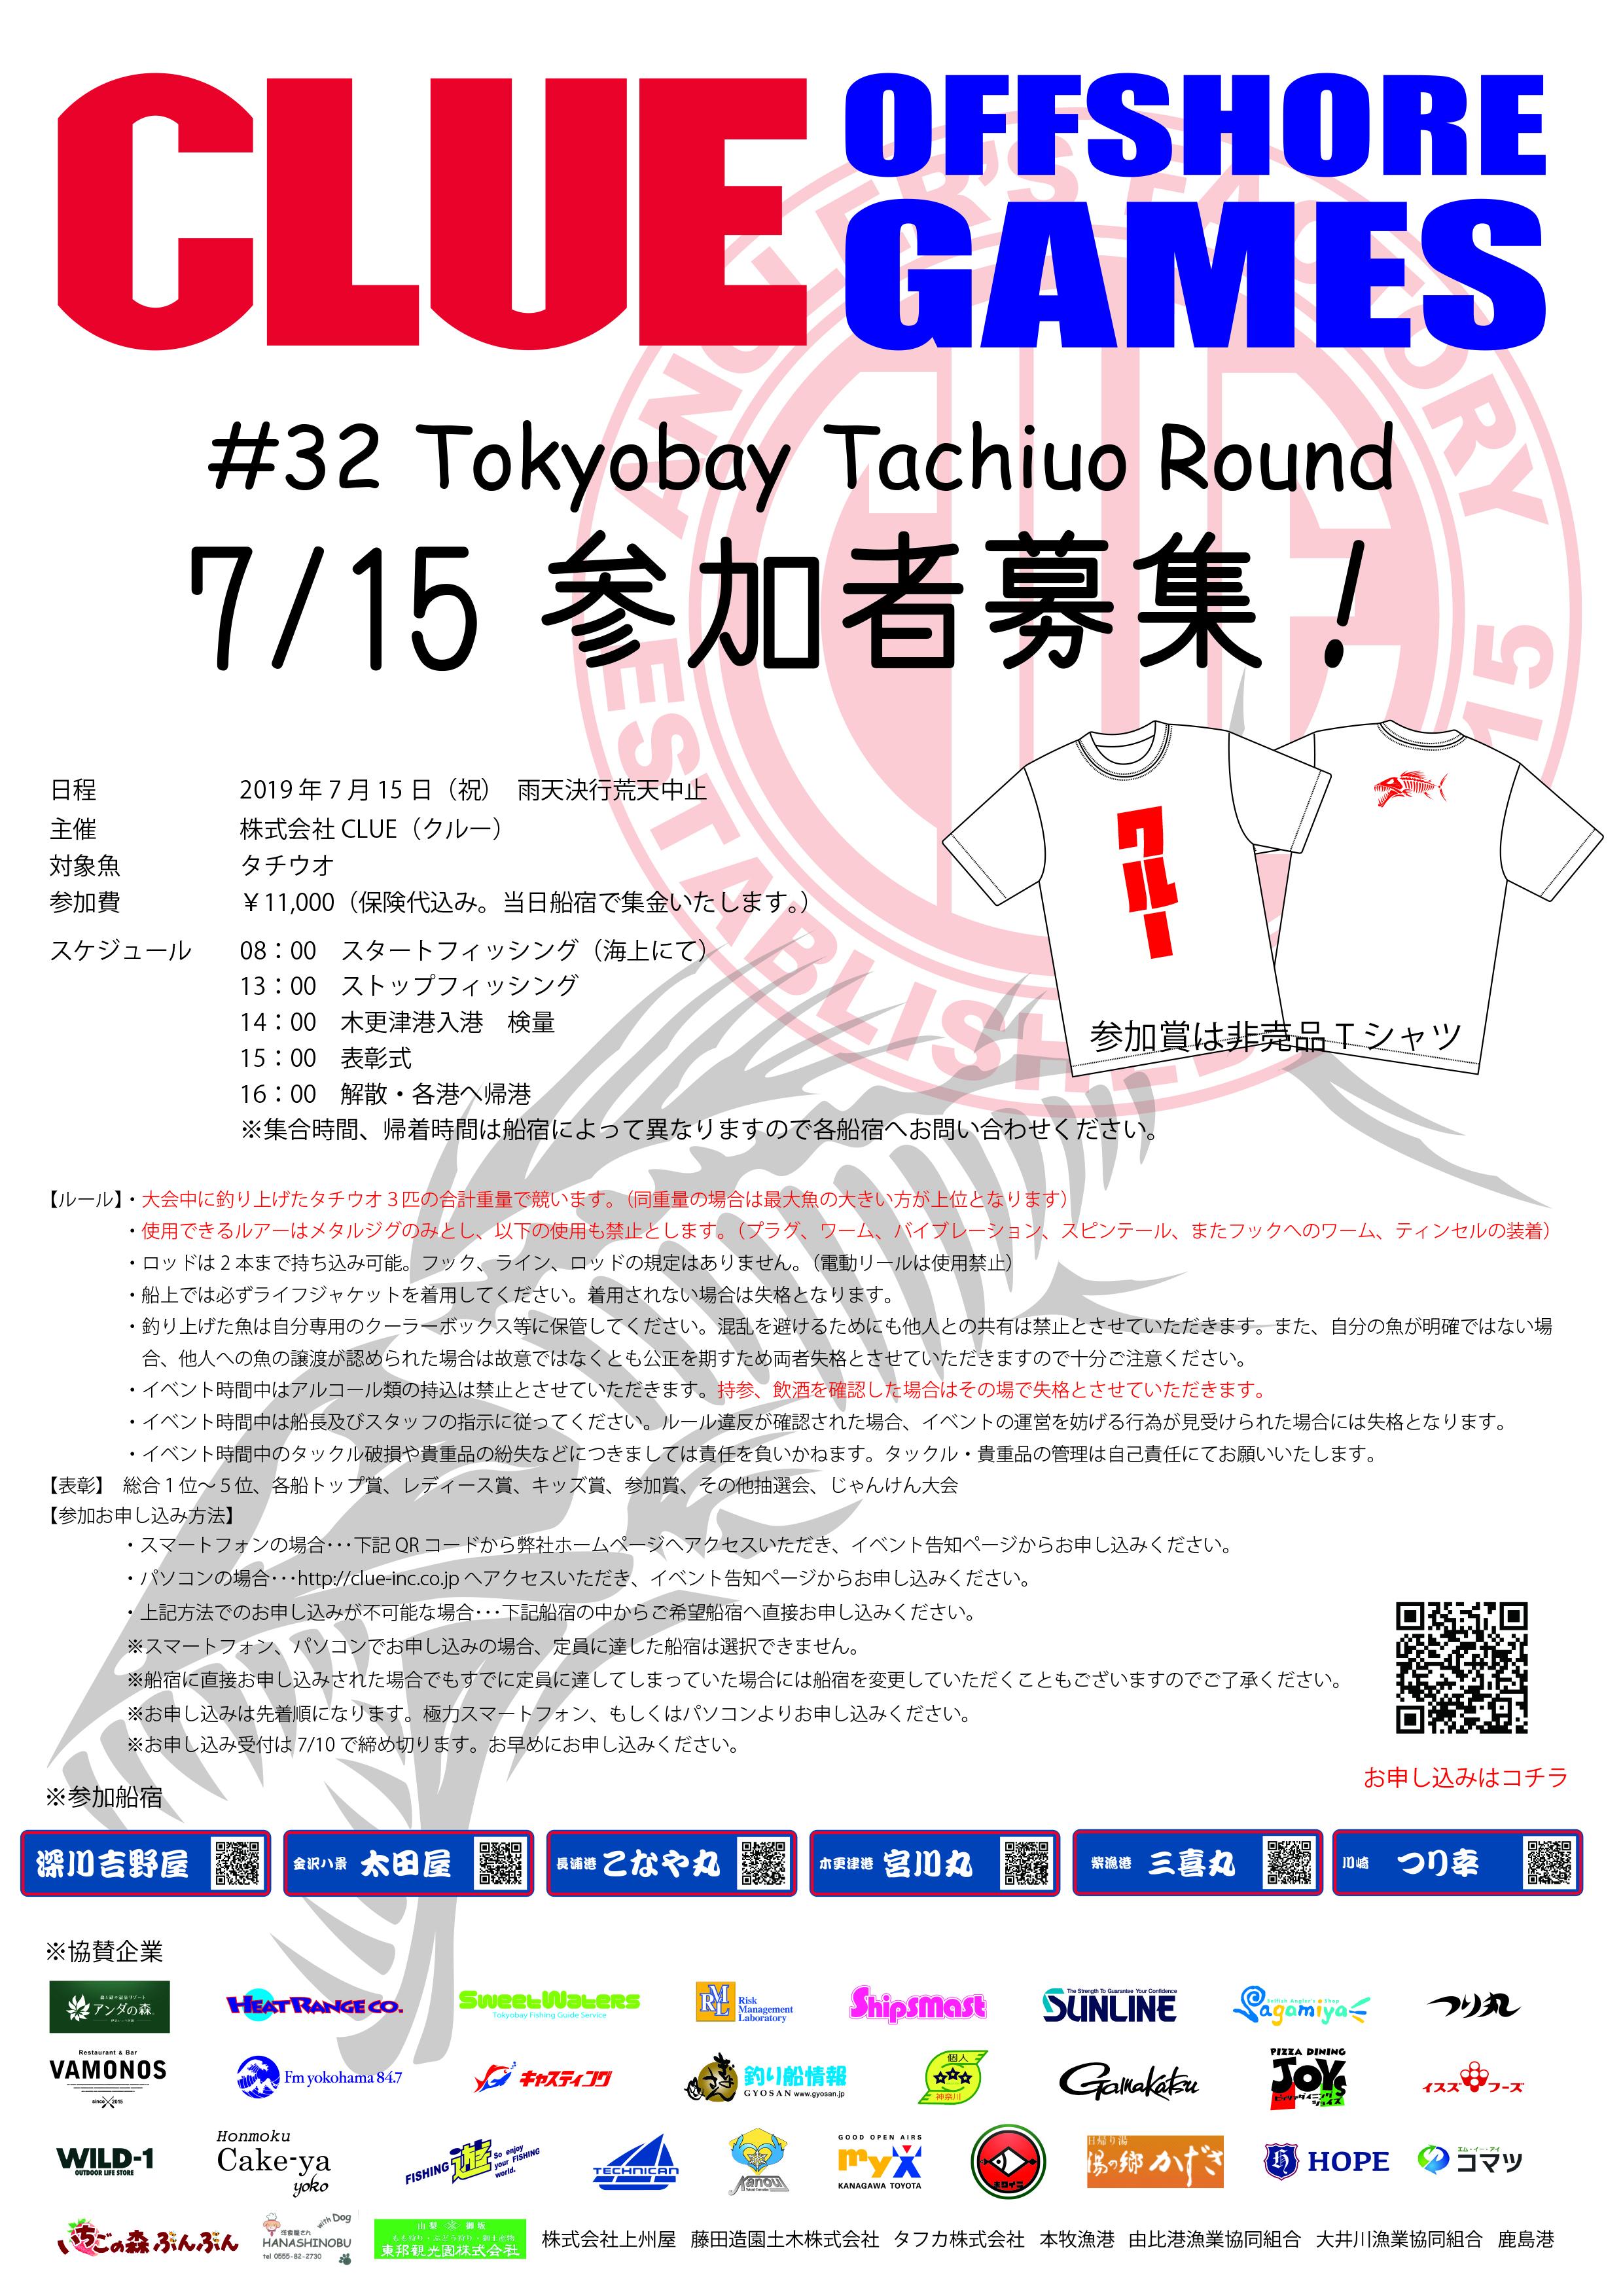 CLUE OFFSHORE GAMES#32東京湾タチウオラウンド